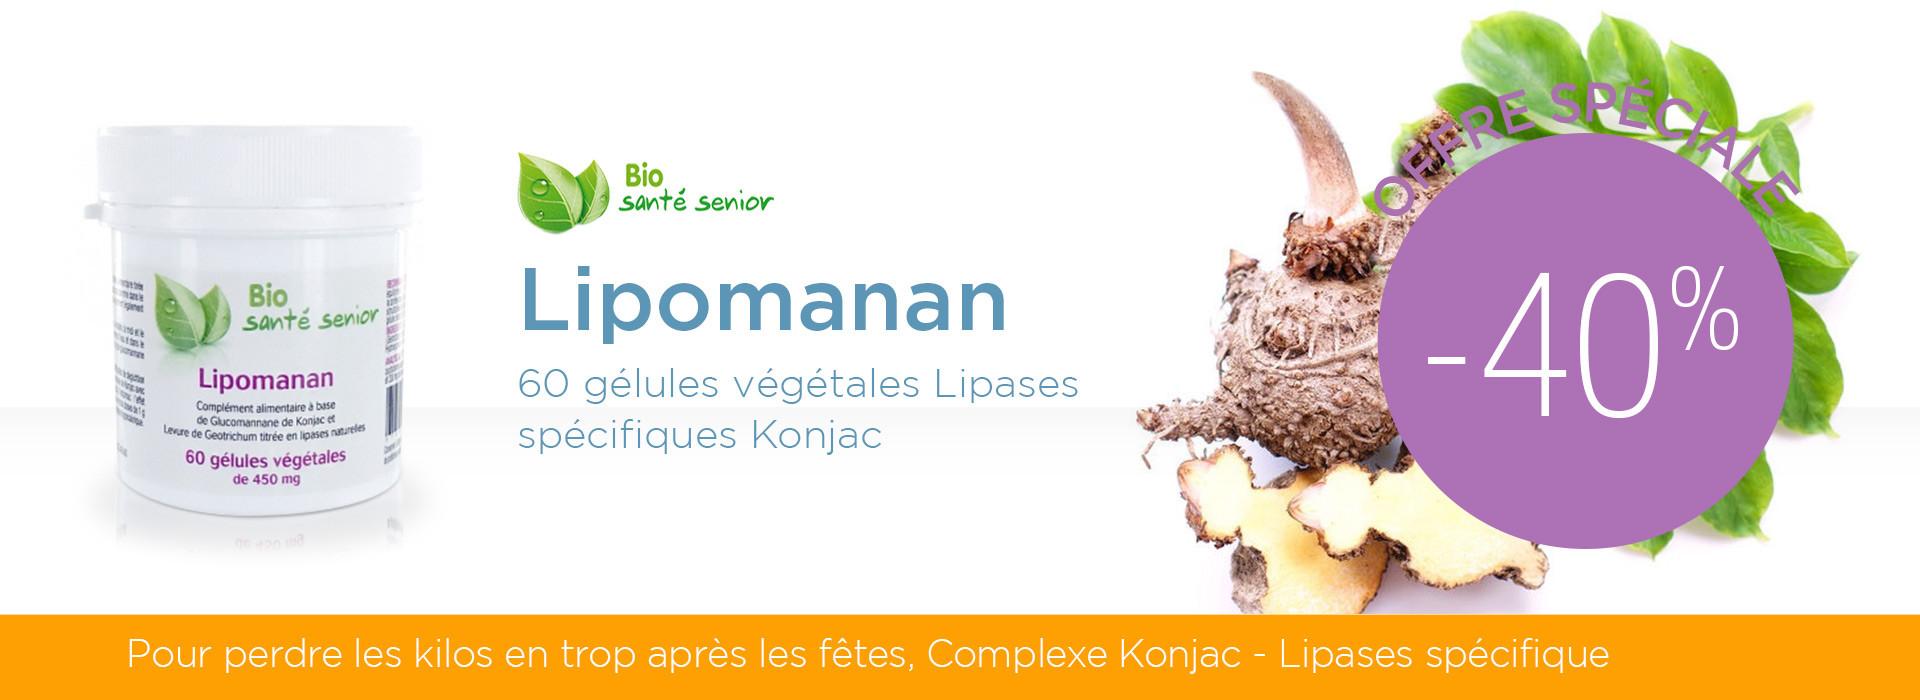 Lipomanan - 60 gélules végétales Lipases spécifiques Konjac à -40%